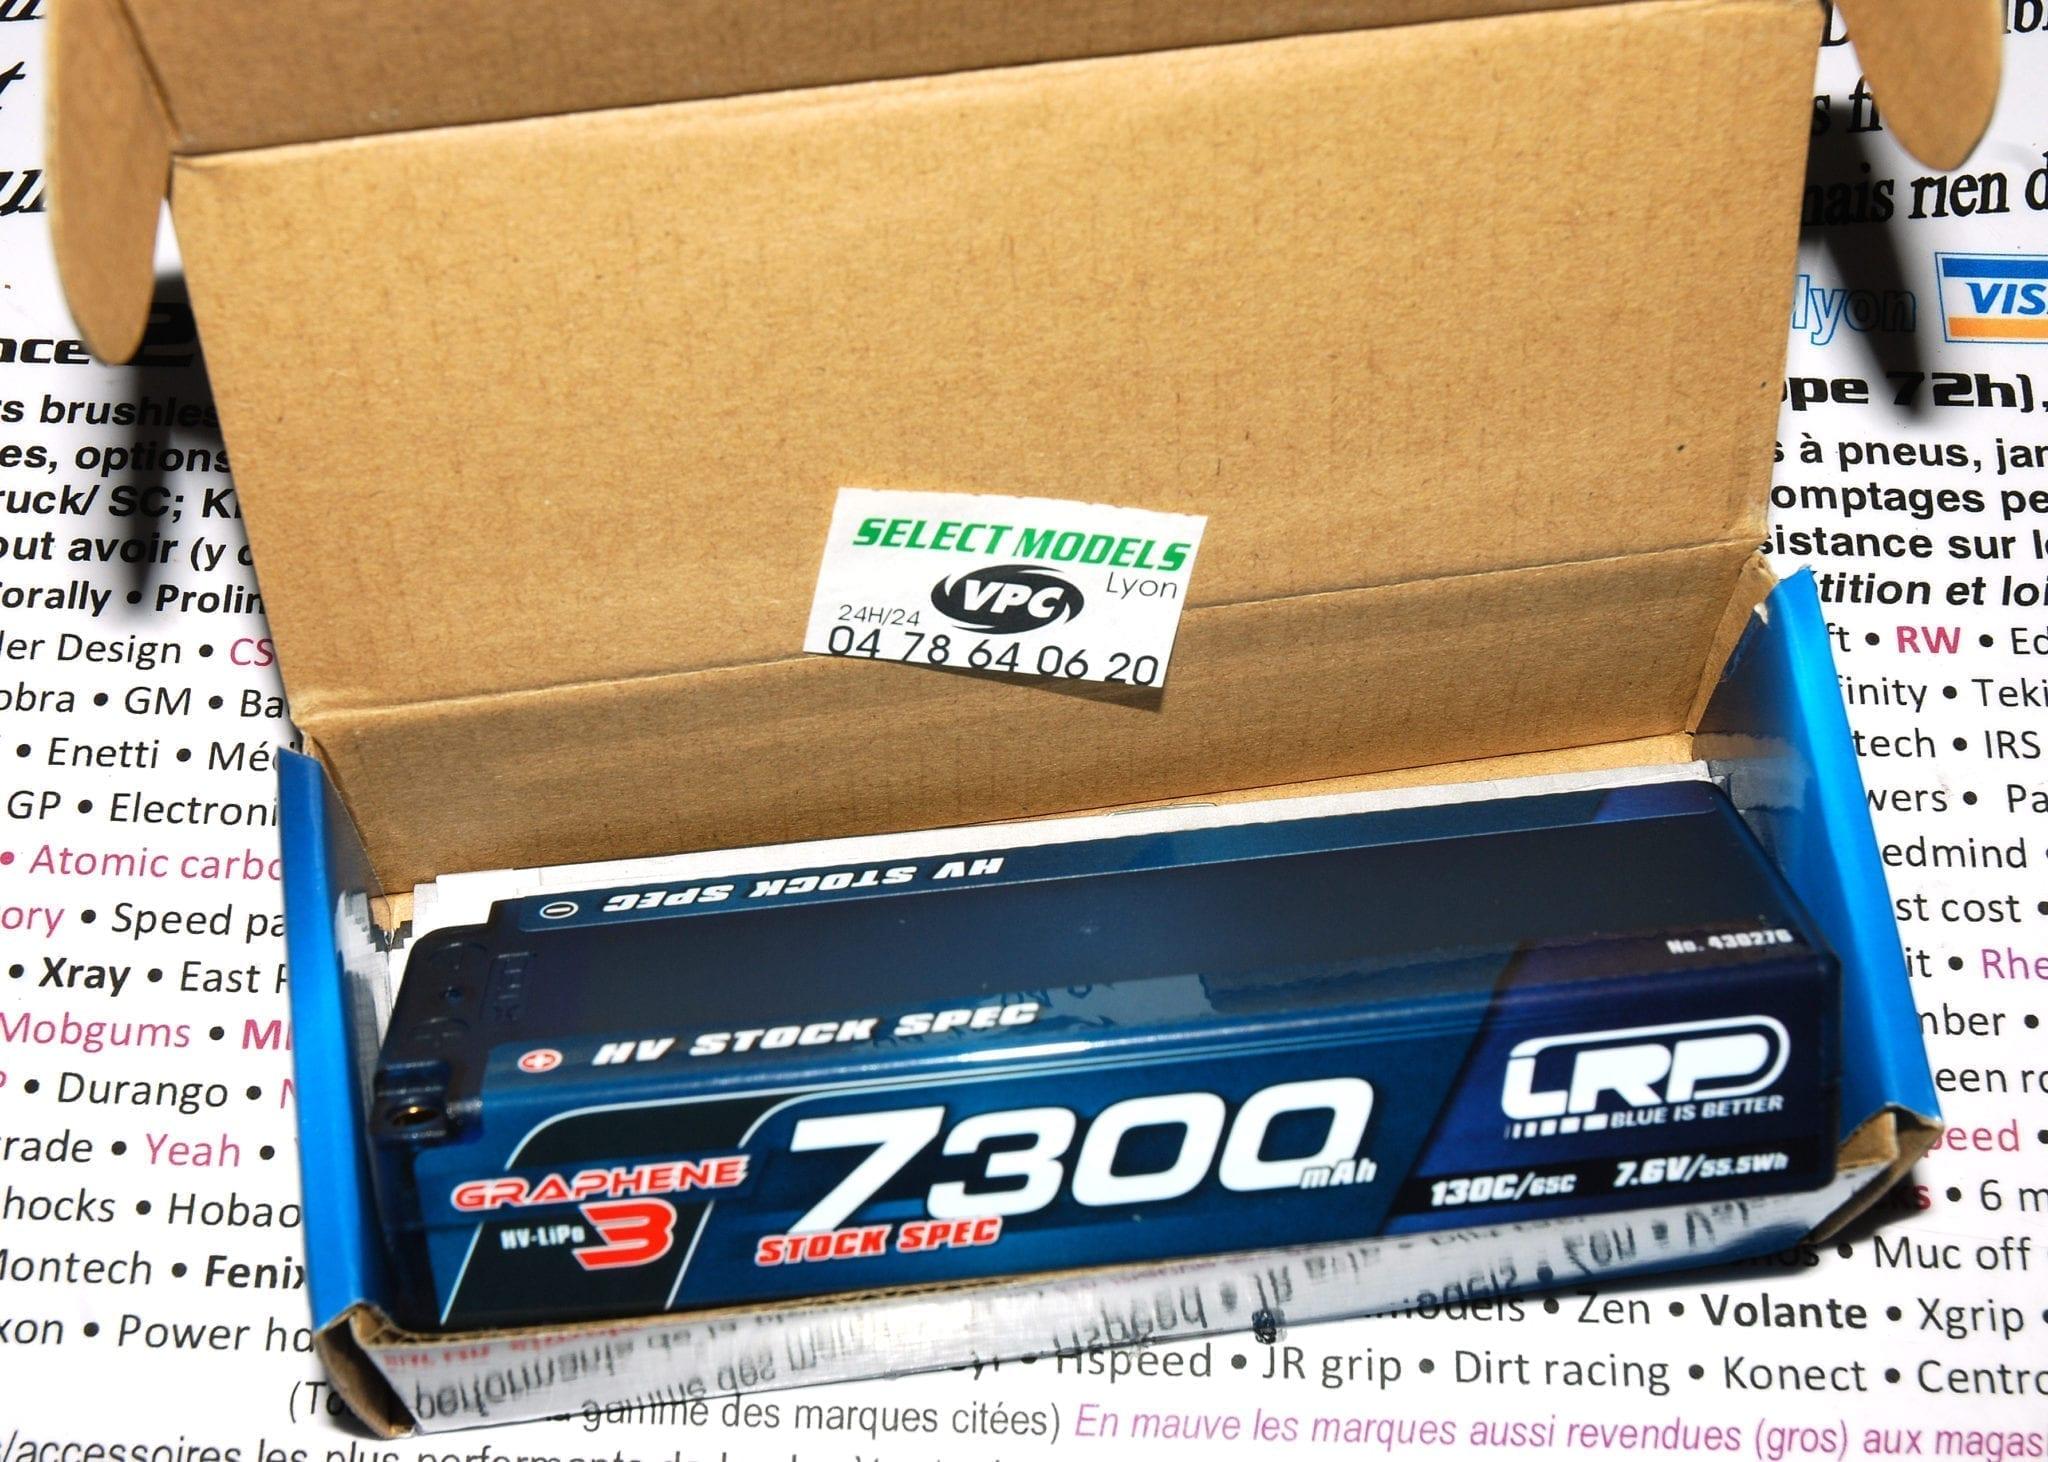 LRP 7300 130c graphene3 HV 5mm